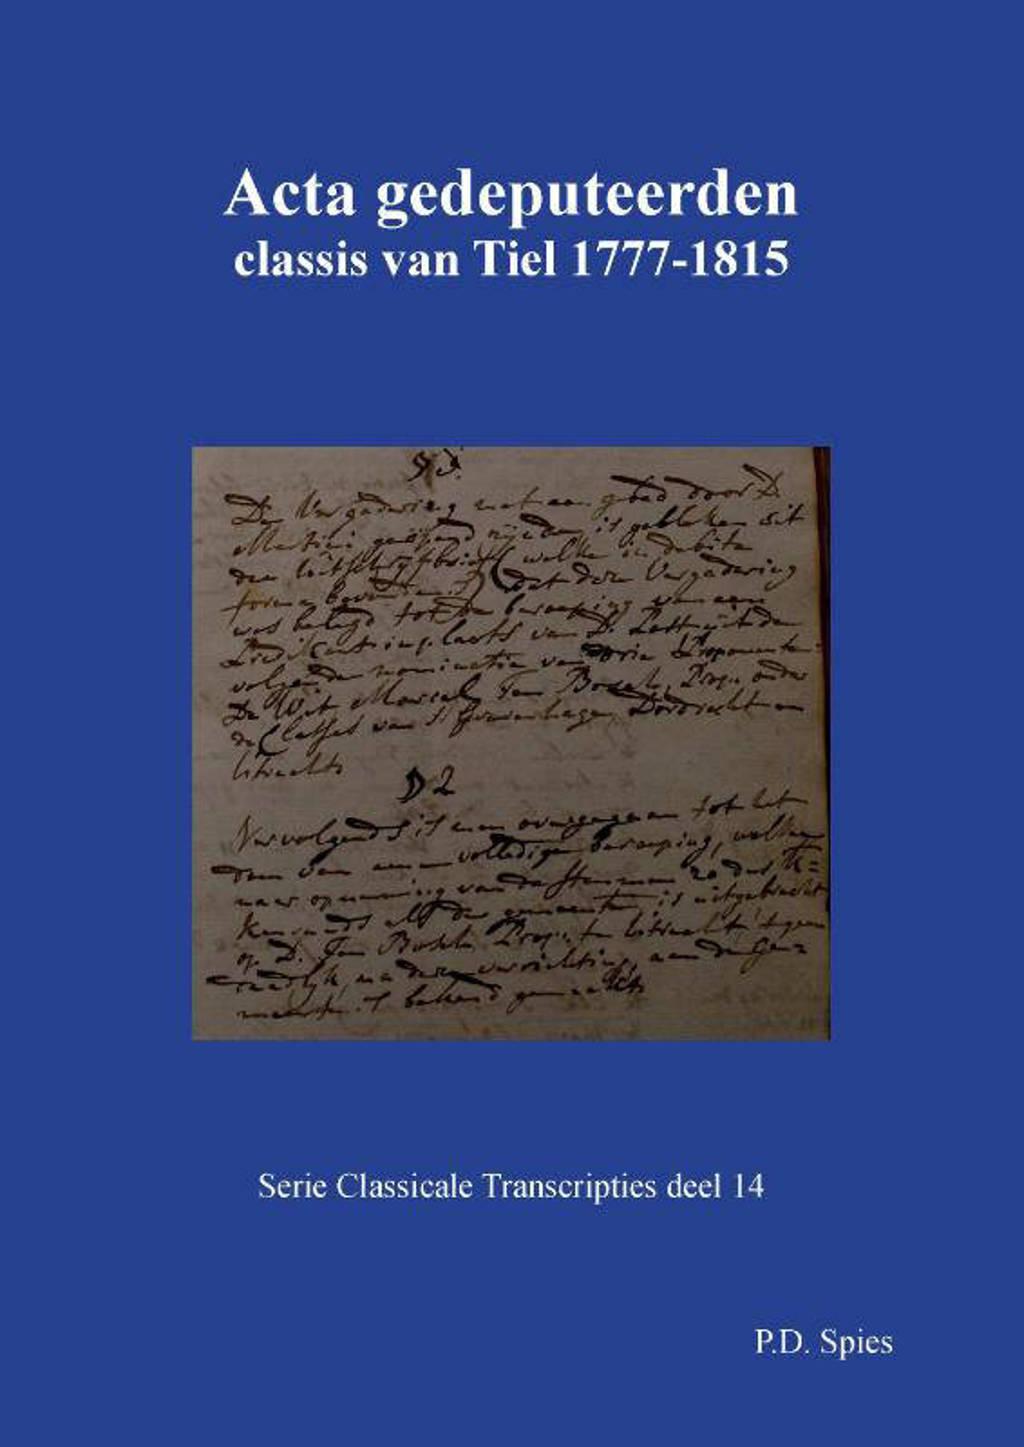 Serie Classicale Transcripties: Acta gedeputeerden classis van Tiel 1777-1815 - P.D. Spies